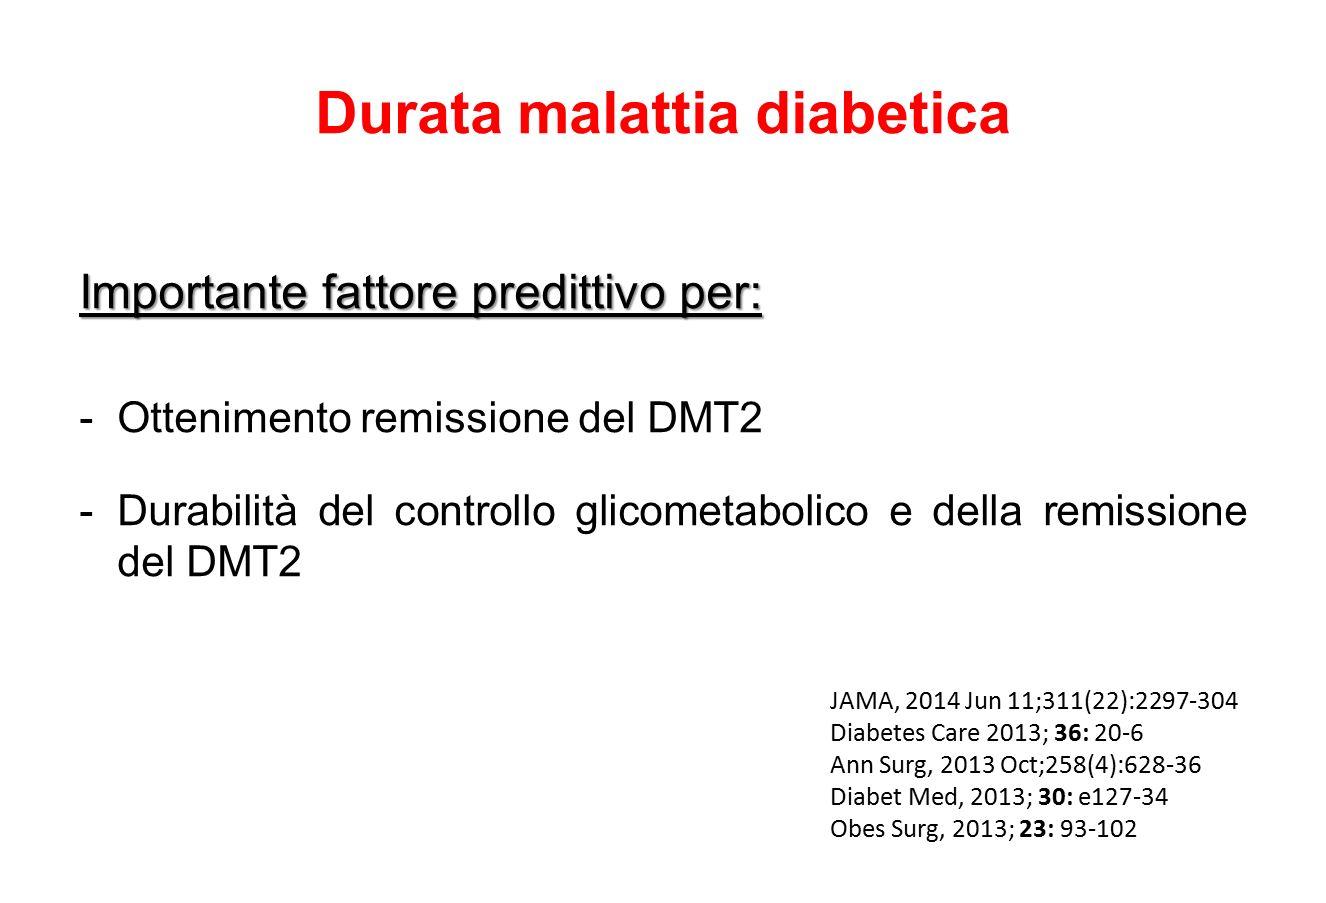 Durata malattia diabetica Importante fattore predittivo per: - Ottenimento remissione del DMT2 -Durabilità del controllo glicometabolico e della remis